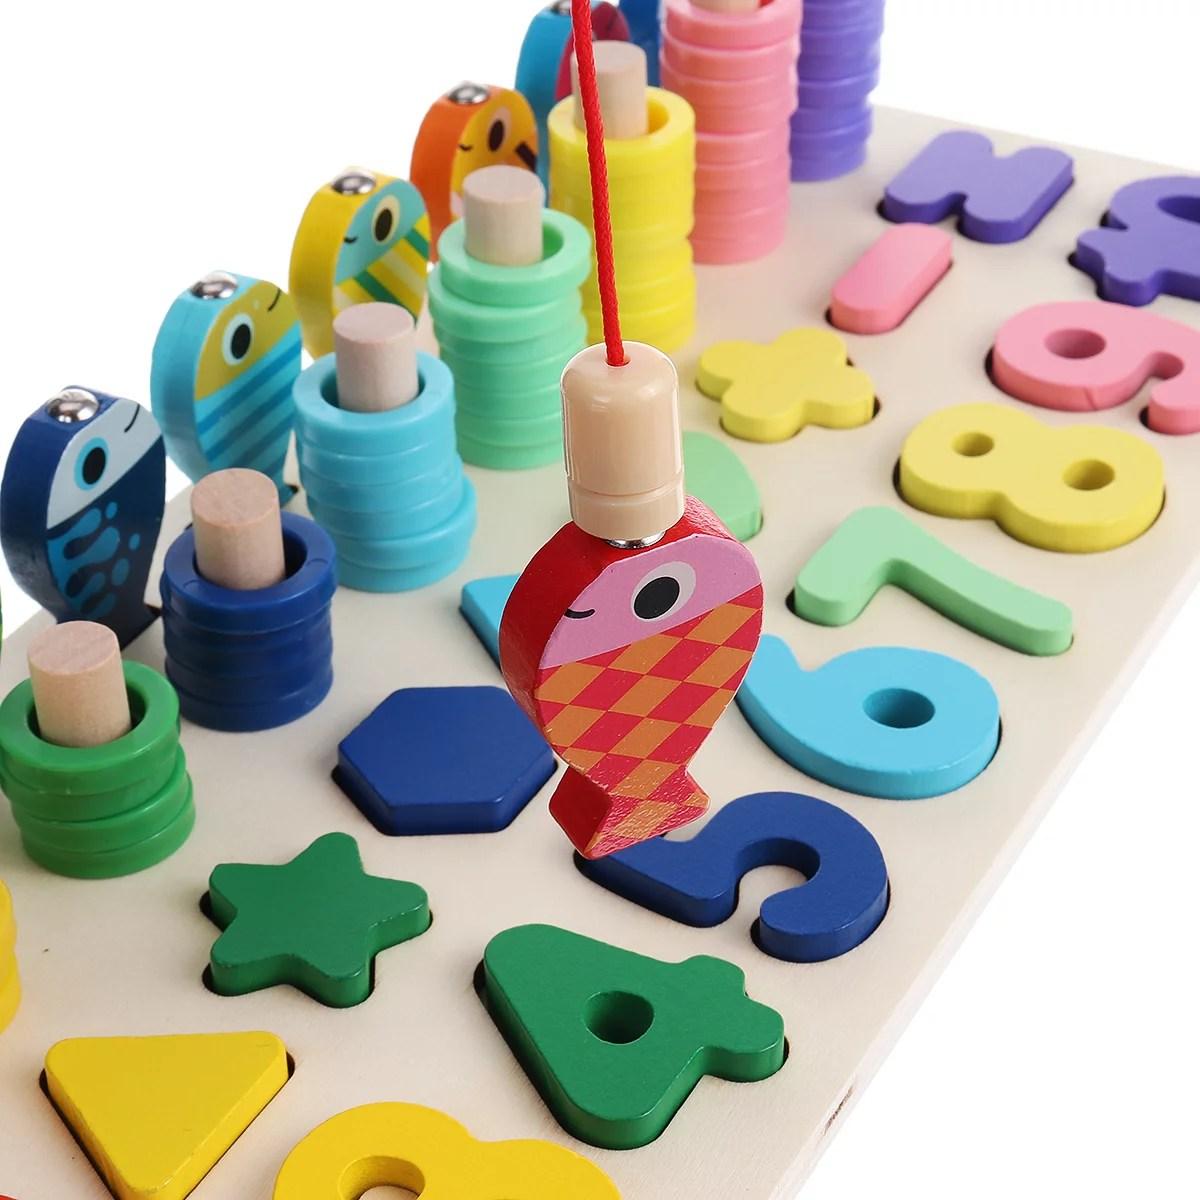 Montessori Fine Motor Skill Toys